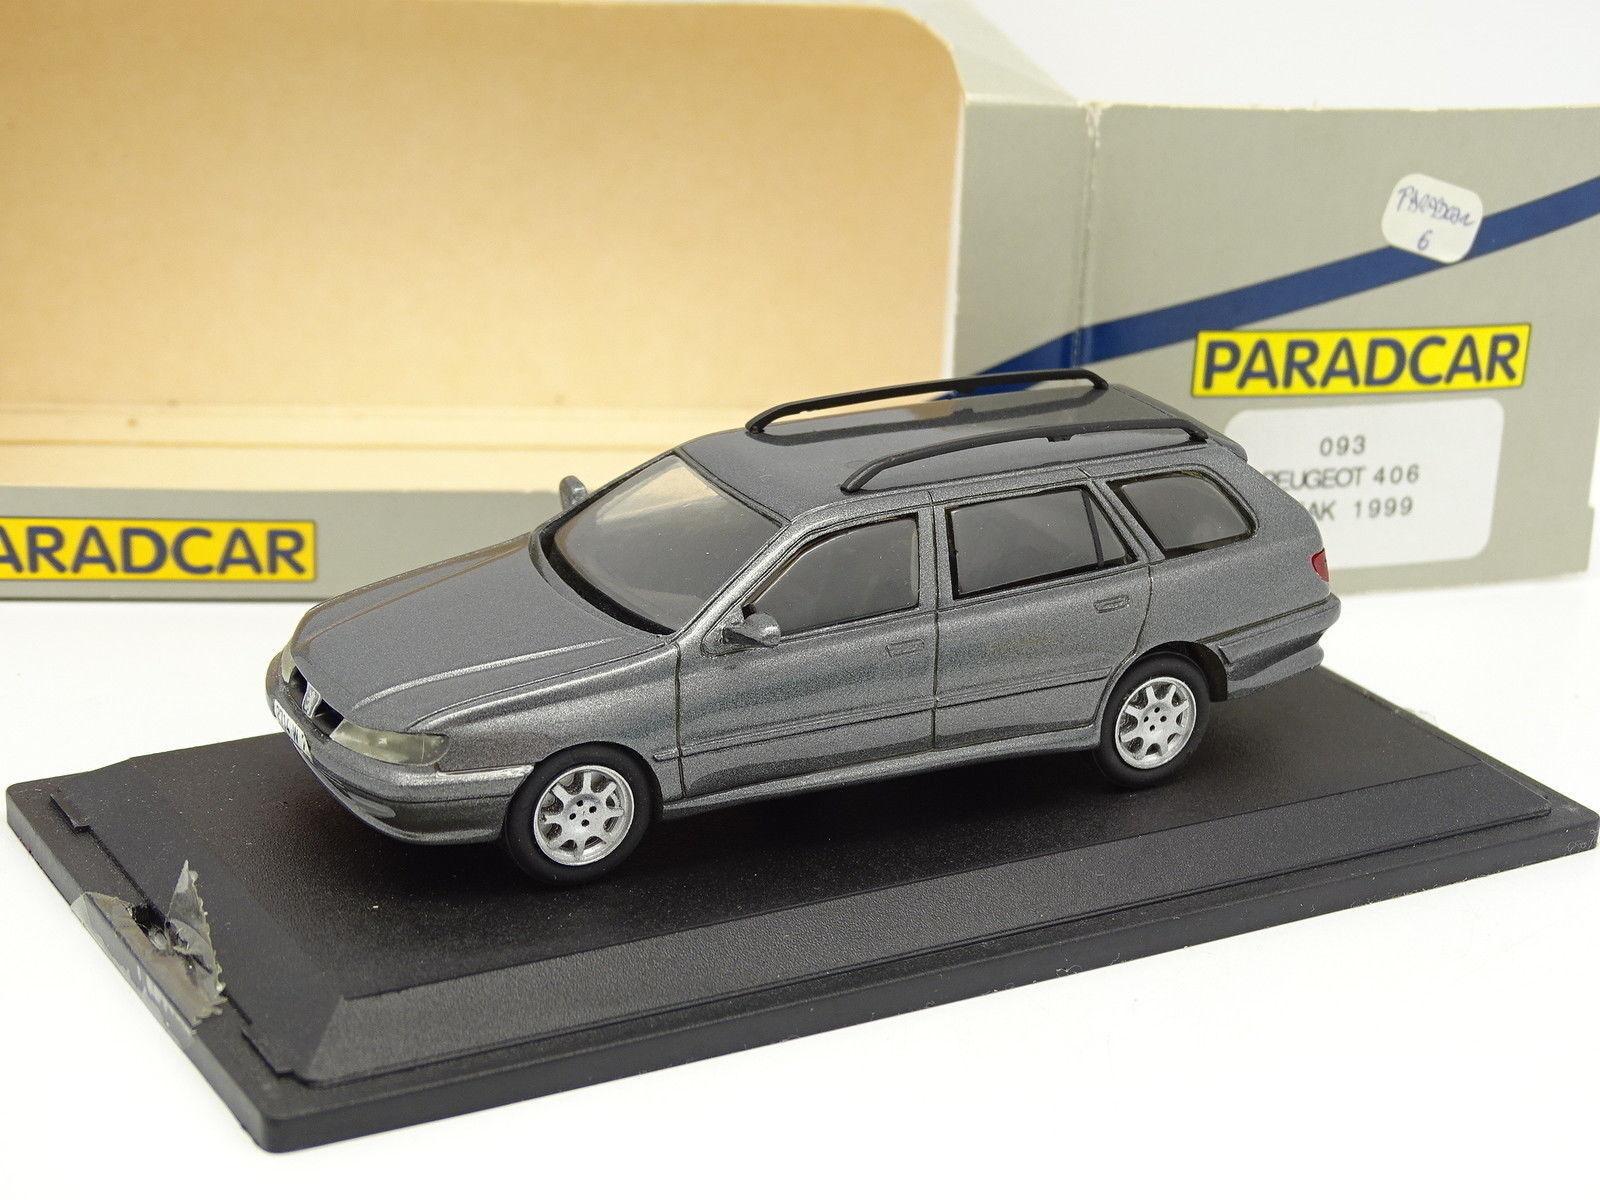 Paradcar harz 1   43 - peugeot 406 pause 1999 grau